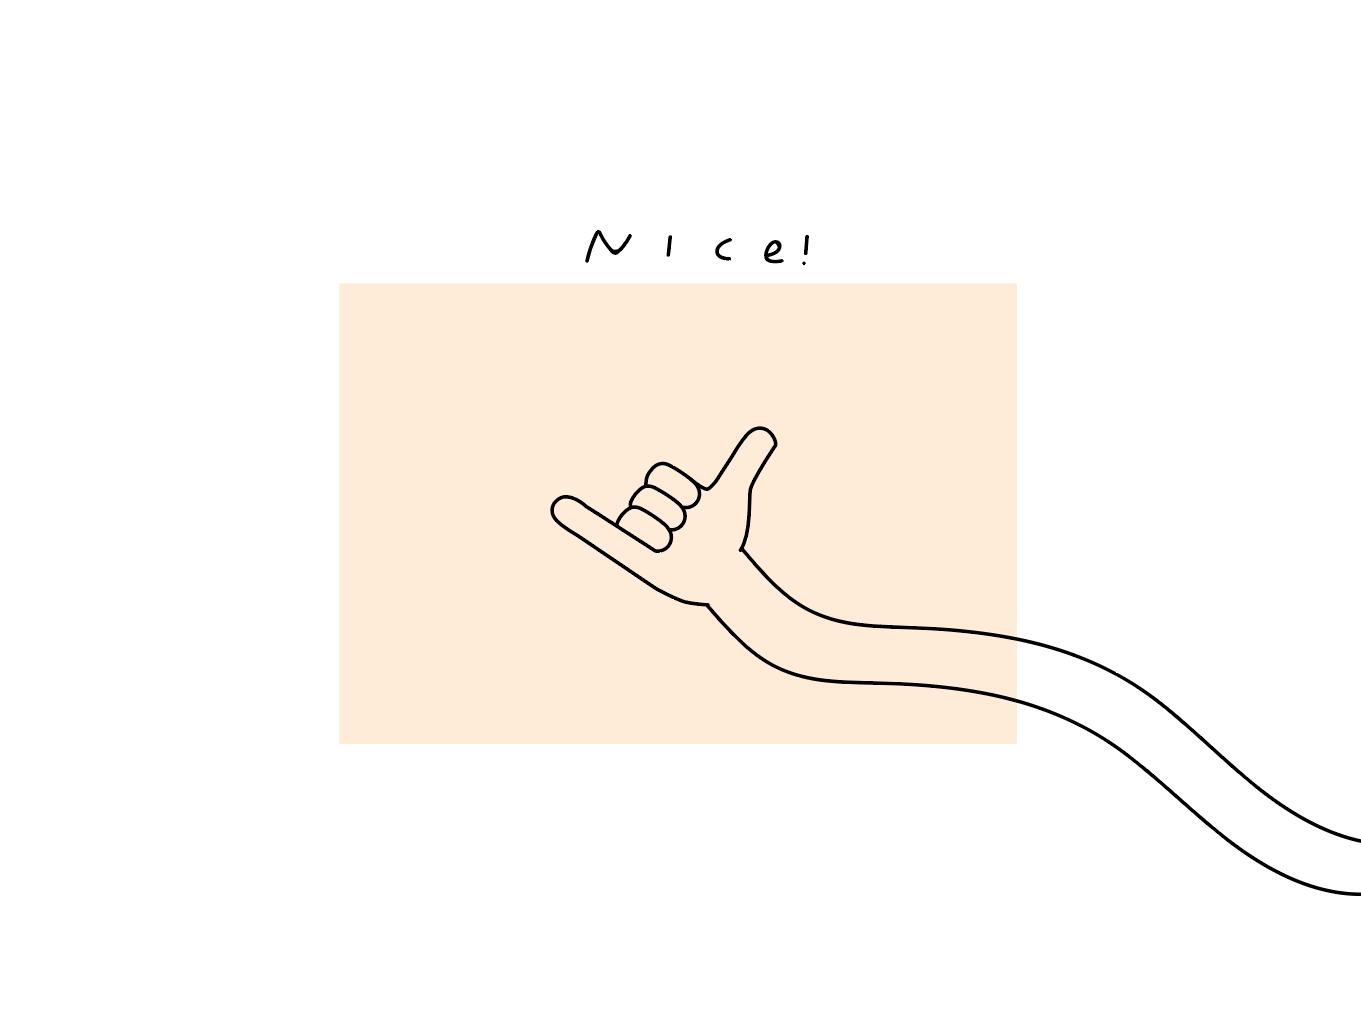 Cool, Sweet doodle mood fun hand art ! minimal simple line art nice peach hand design illustration